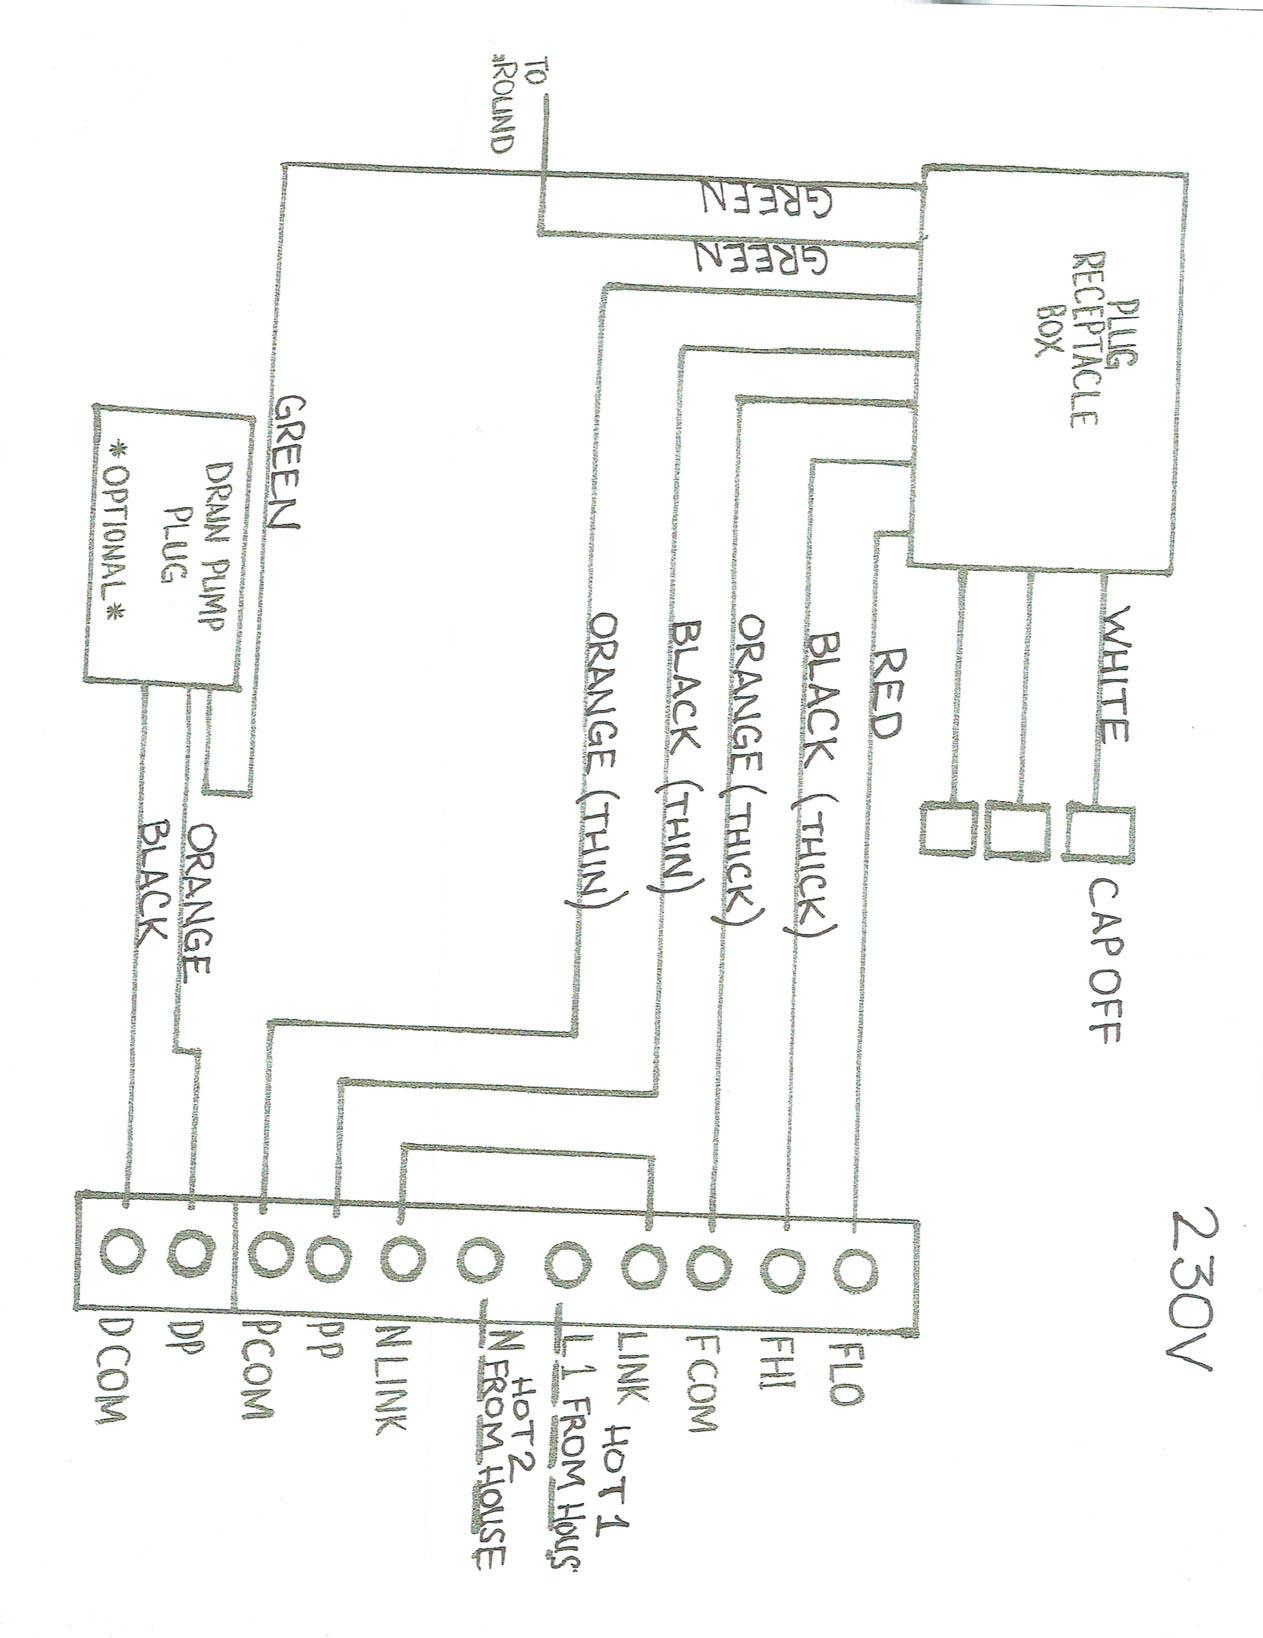 No Pump Swamp Cooler Motor Wiring Diagram - Ship Schematics for Wiring  Diagram SchematicsWiring Diagram Schematics